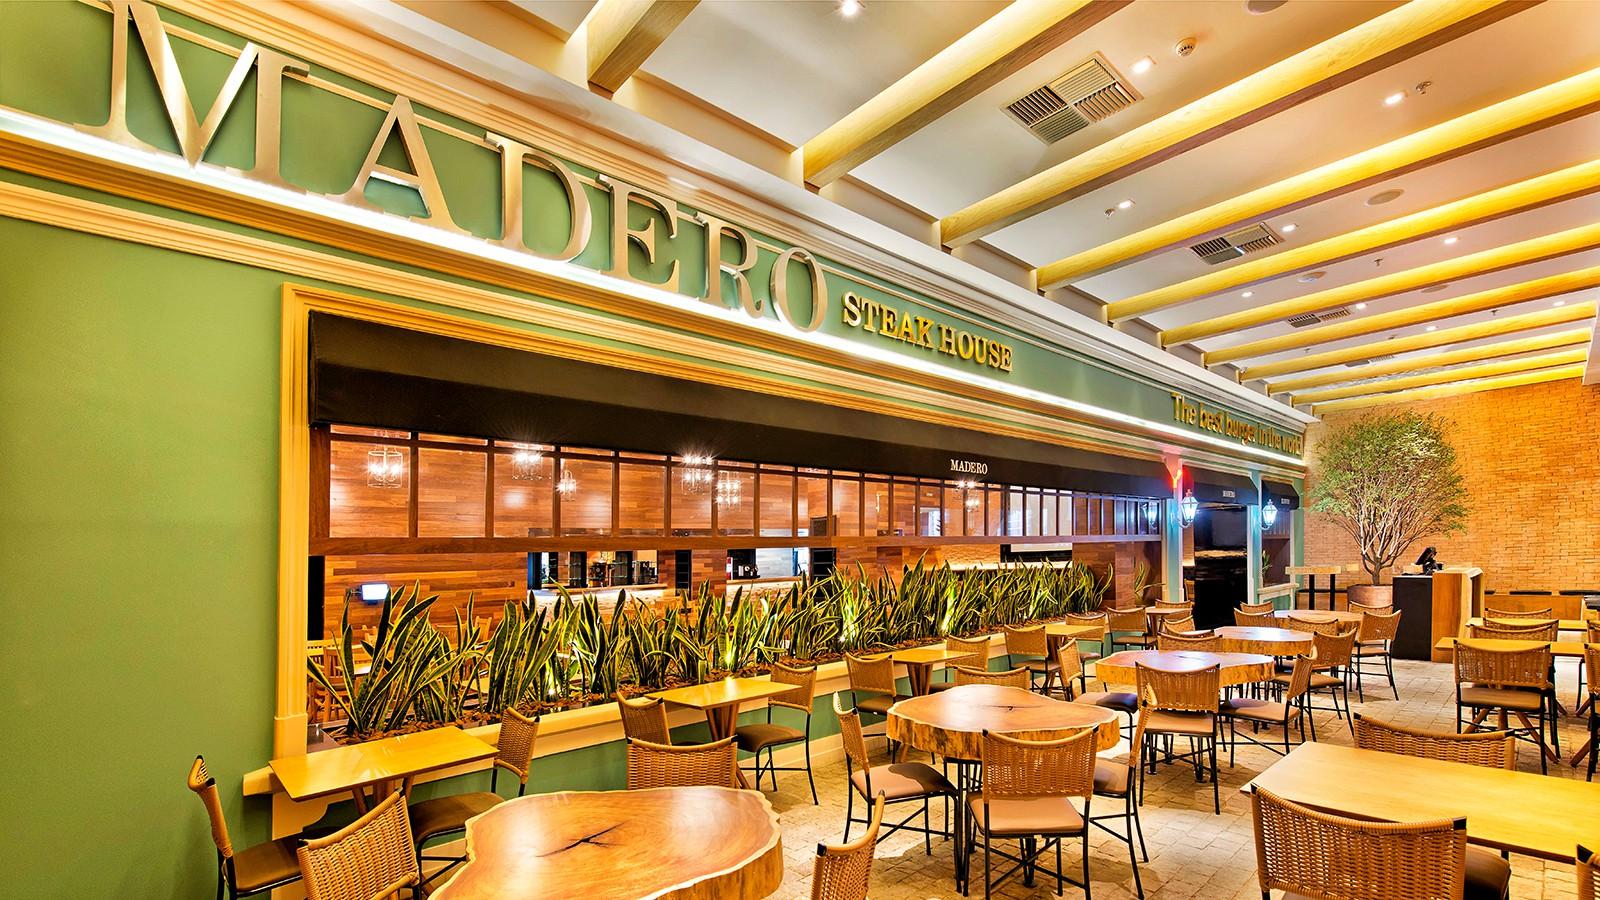 Restaurante Madero demite mais de 600 trabalhadores